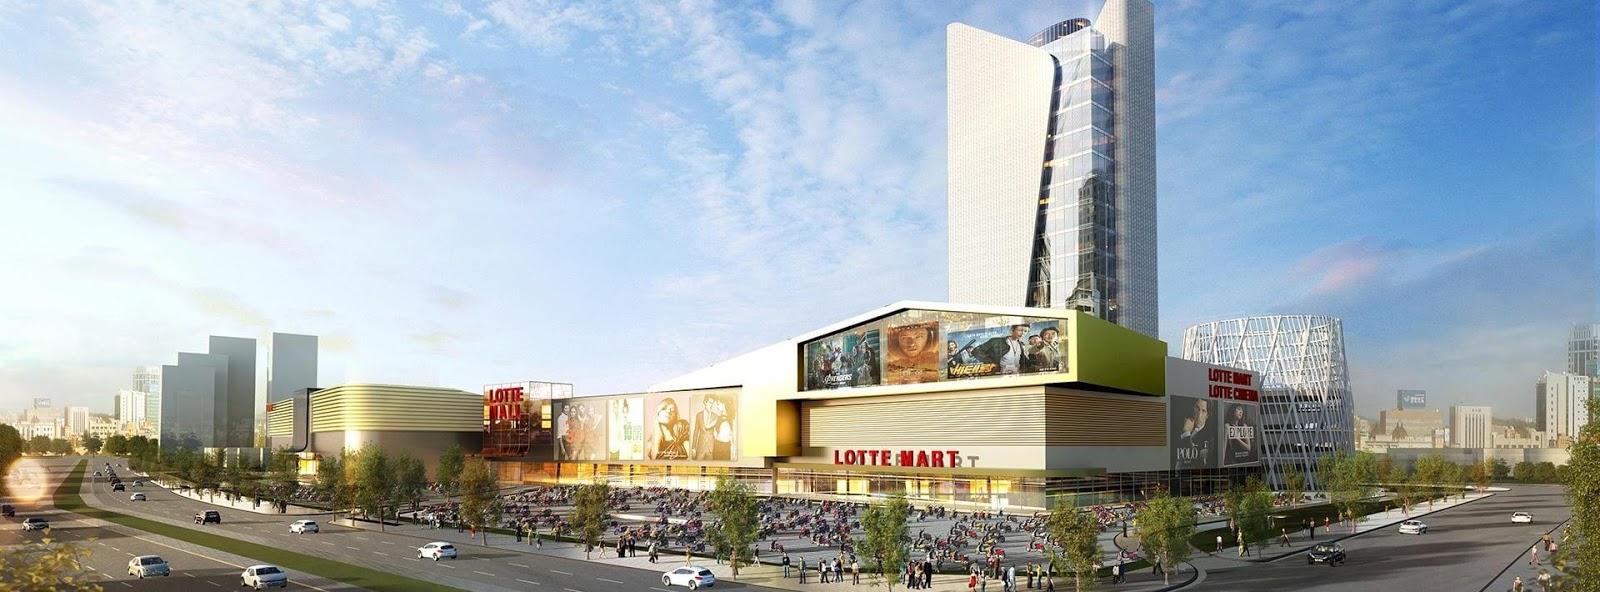 Lotte Center Võ Chí Công.